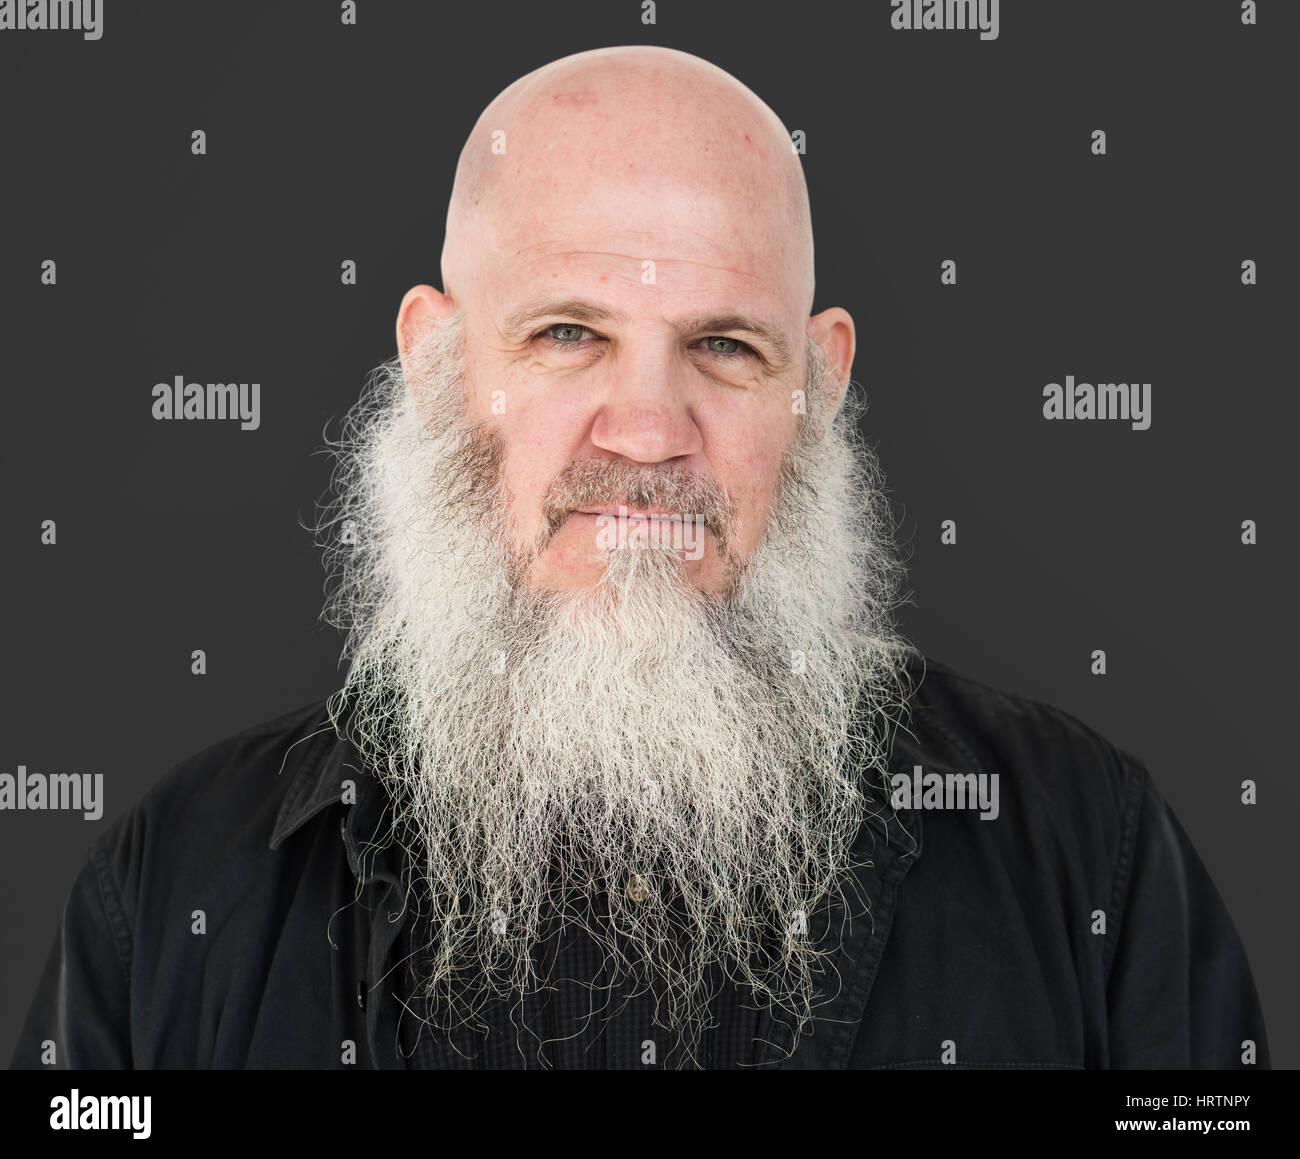 Männer Erwachsenen Langen Bart Glatze Nachdenklich Stockfoto Bild